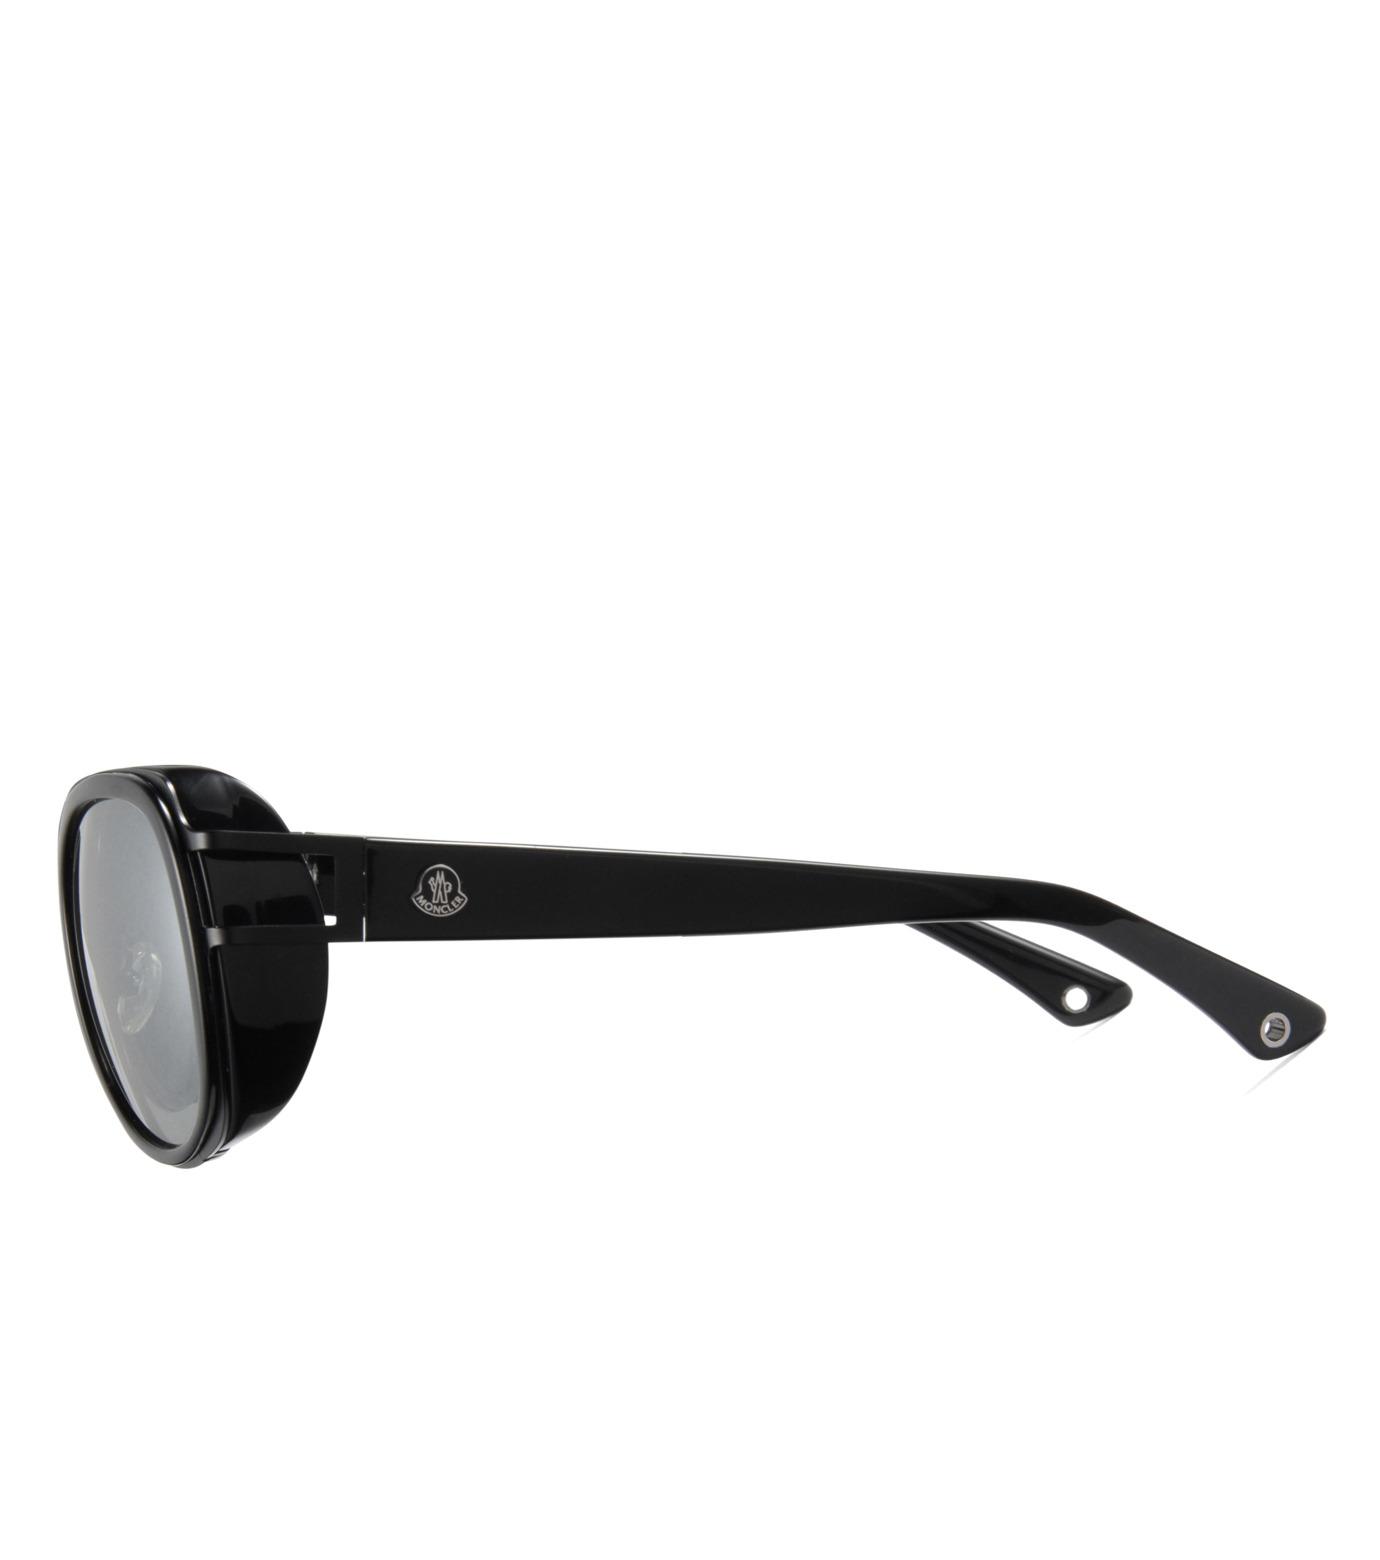 Moncler Eyewear(モンクレールアイウェア)のEYEWEAR-BLACK(アイウェア/eyewear)-MC509-13 拡大詳細画像2